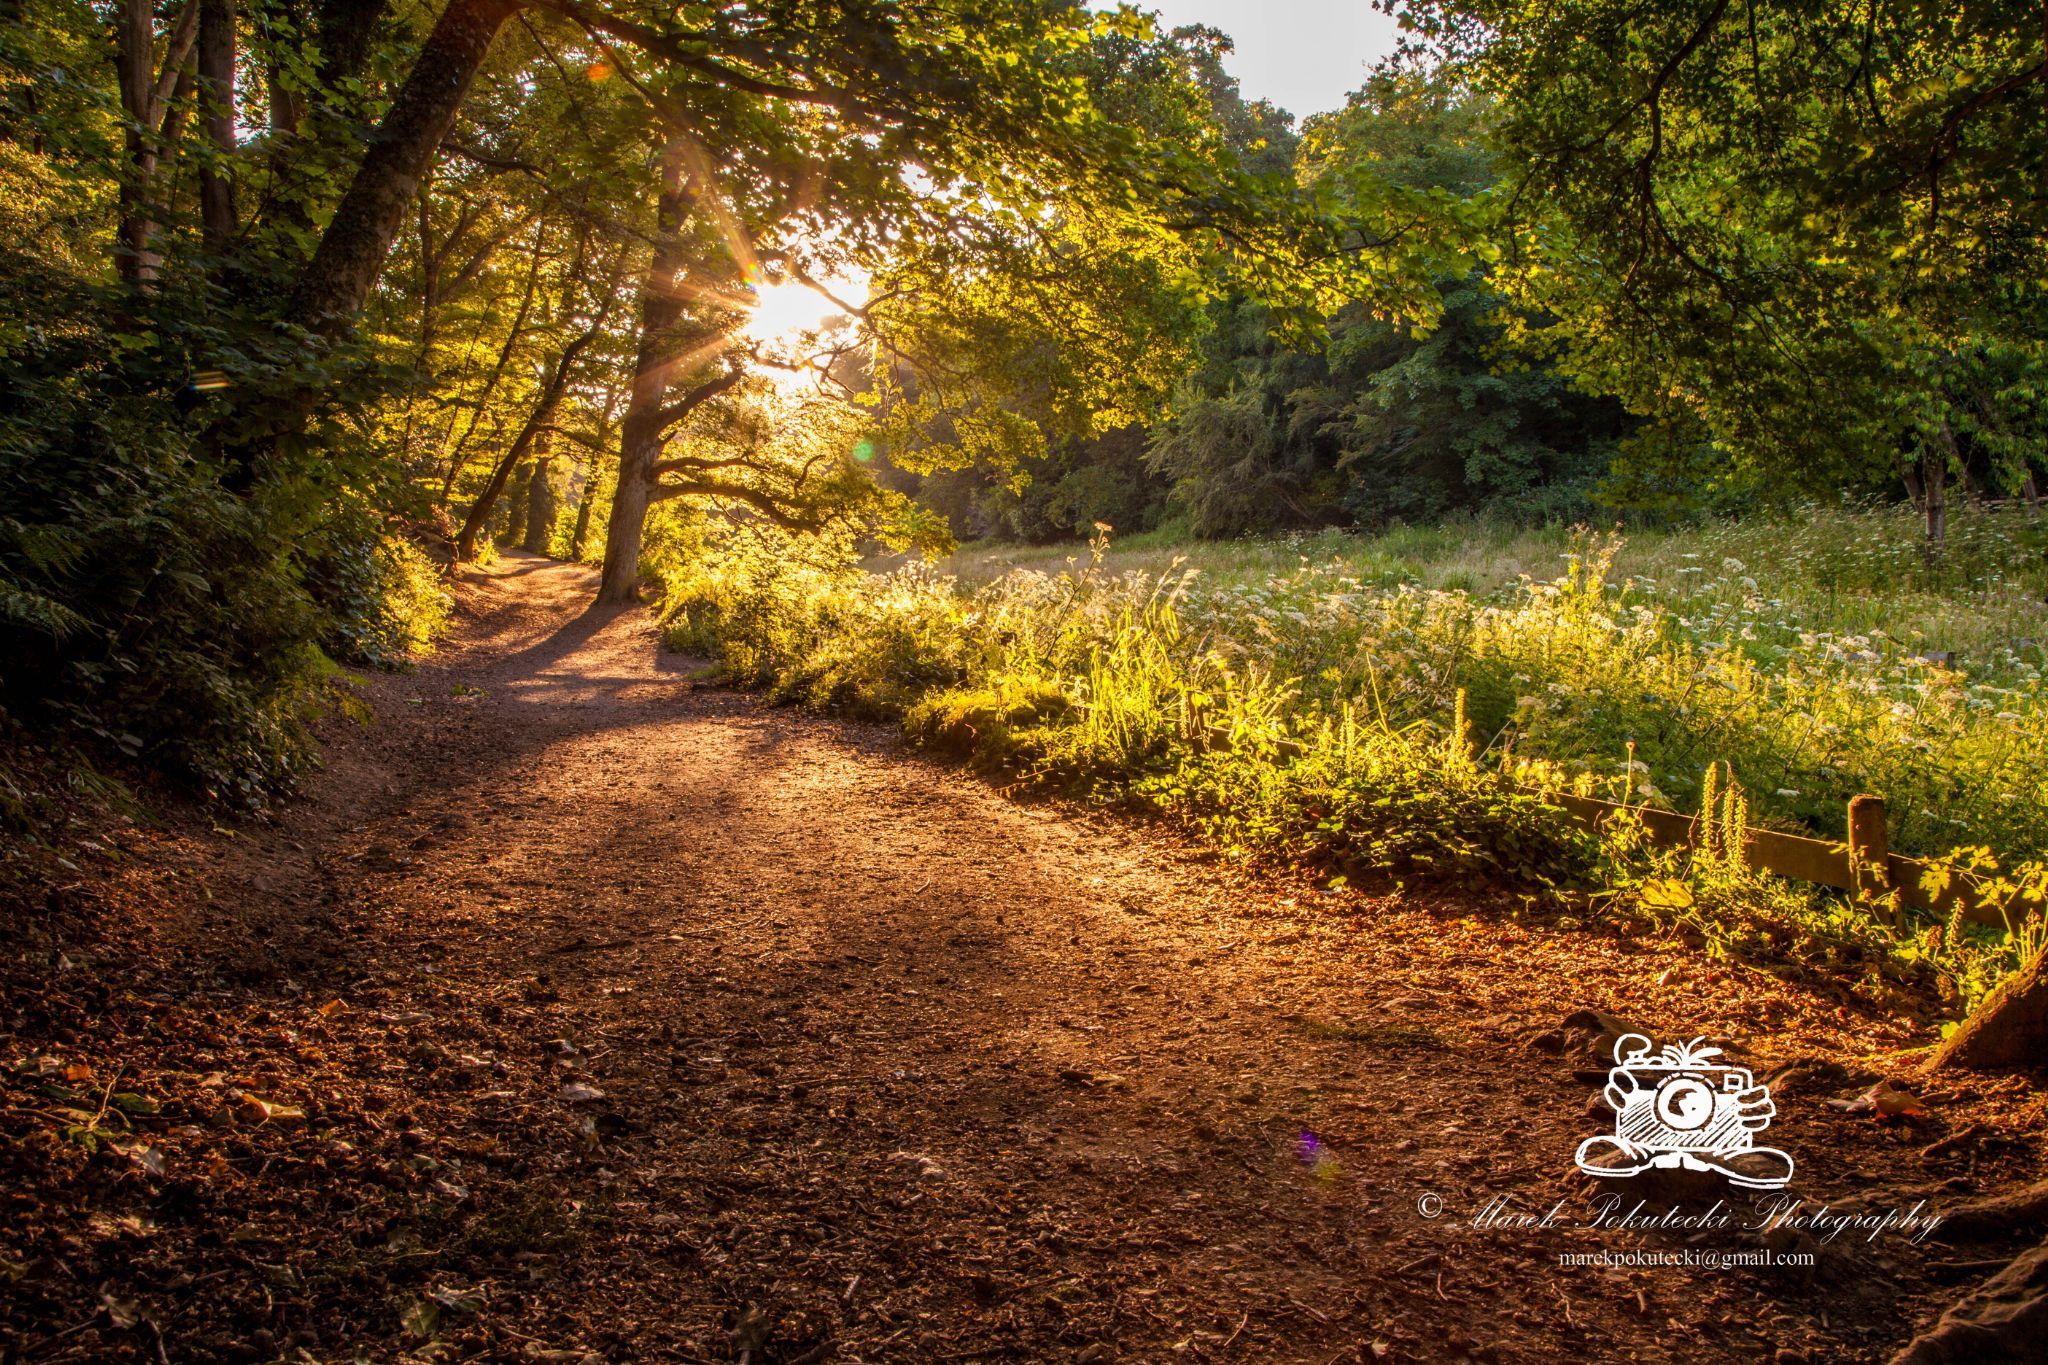 Golden path by Marek Pokutecki